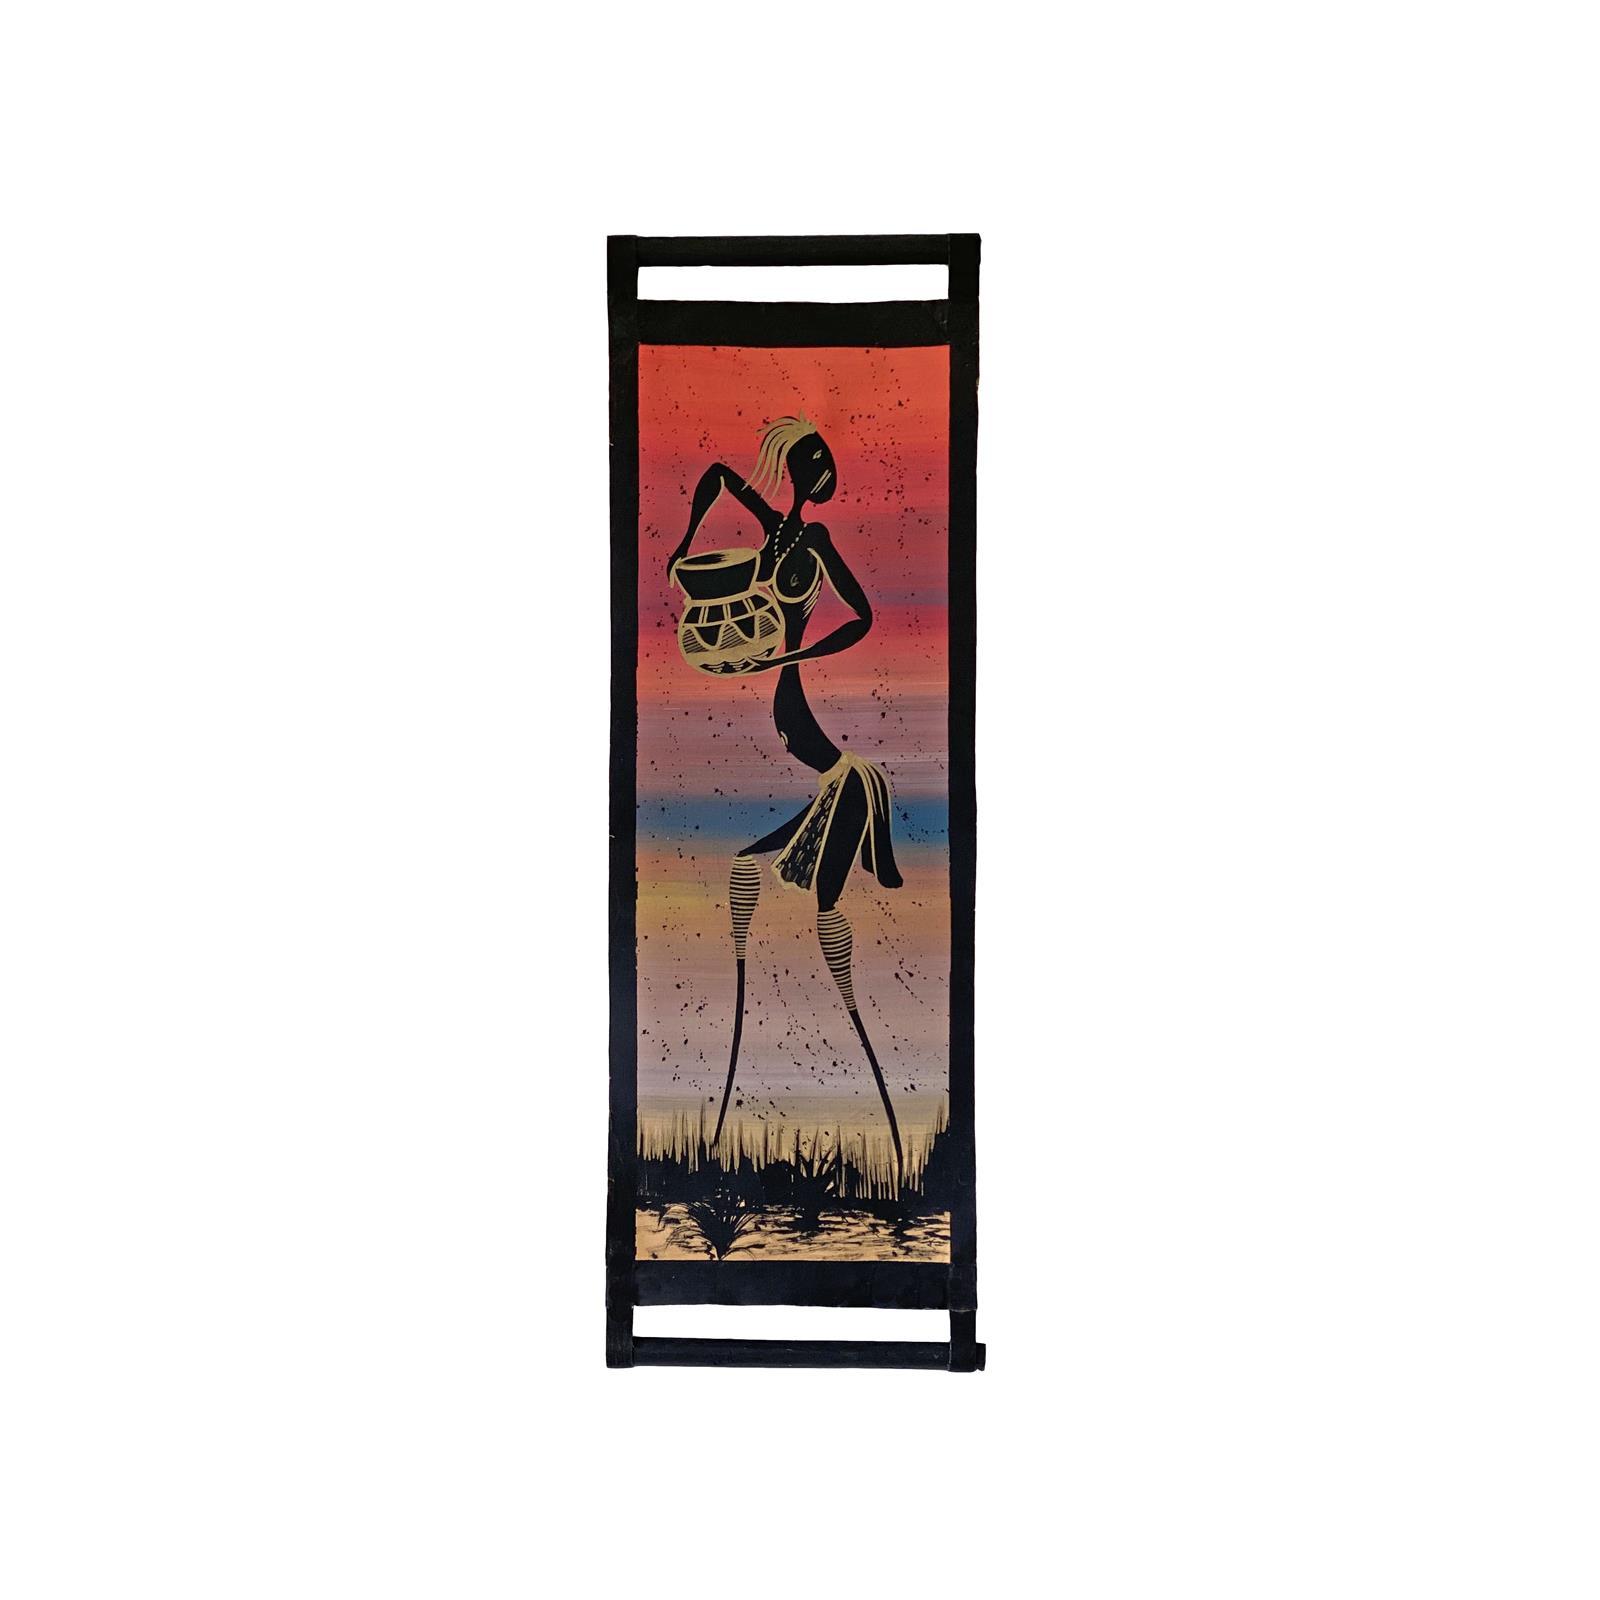 Fargerik afrikansk maleri på lerret